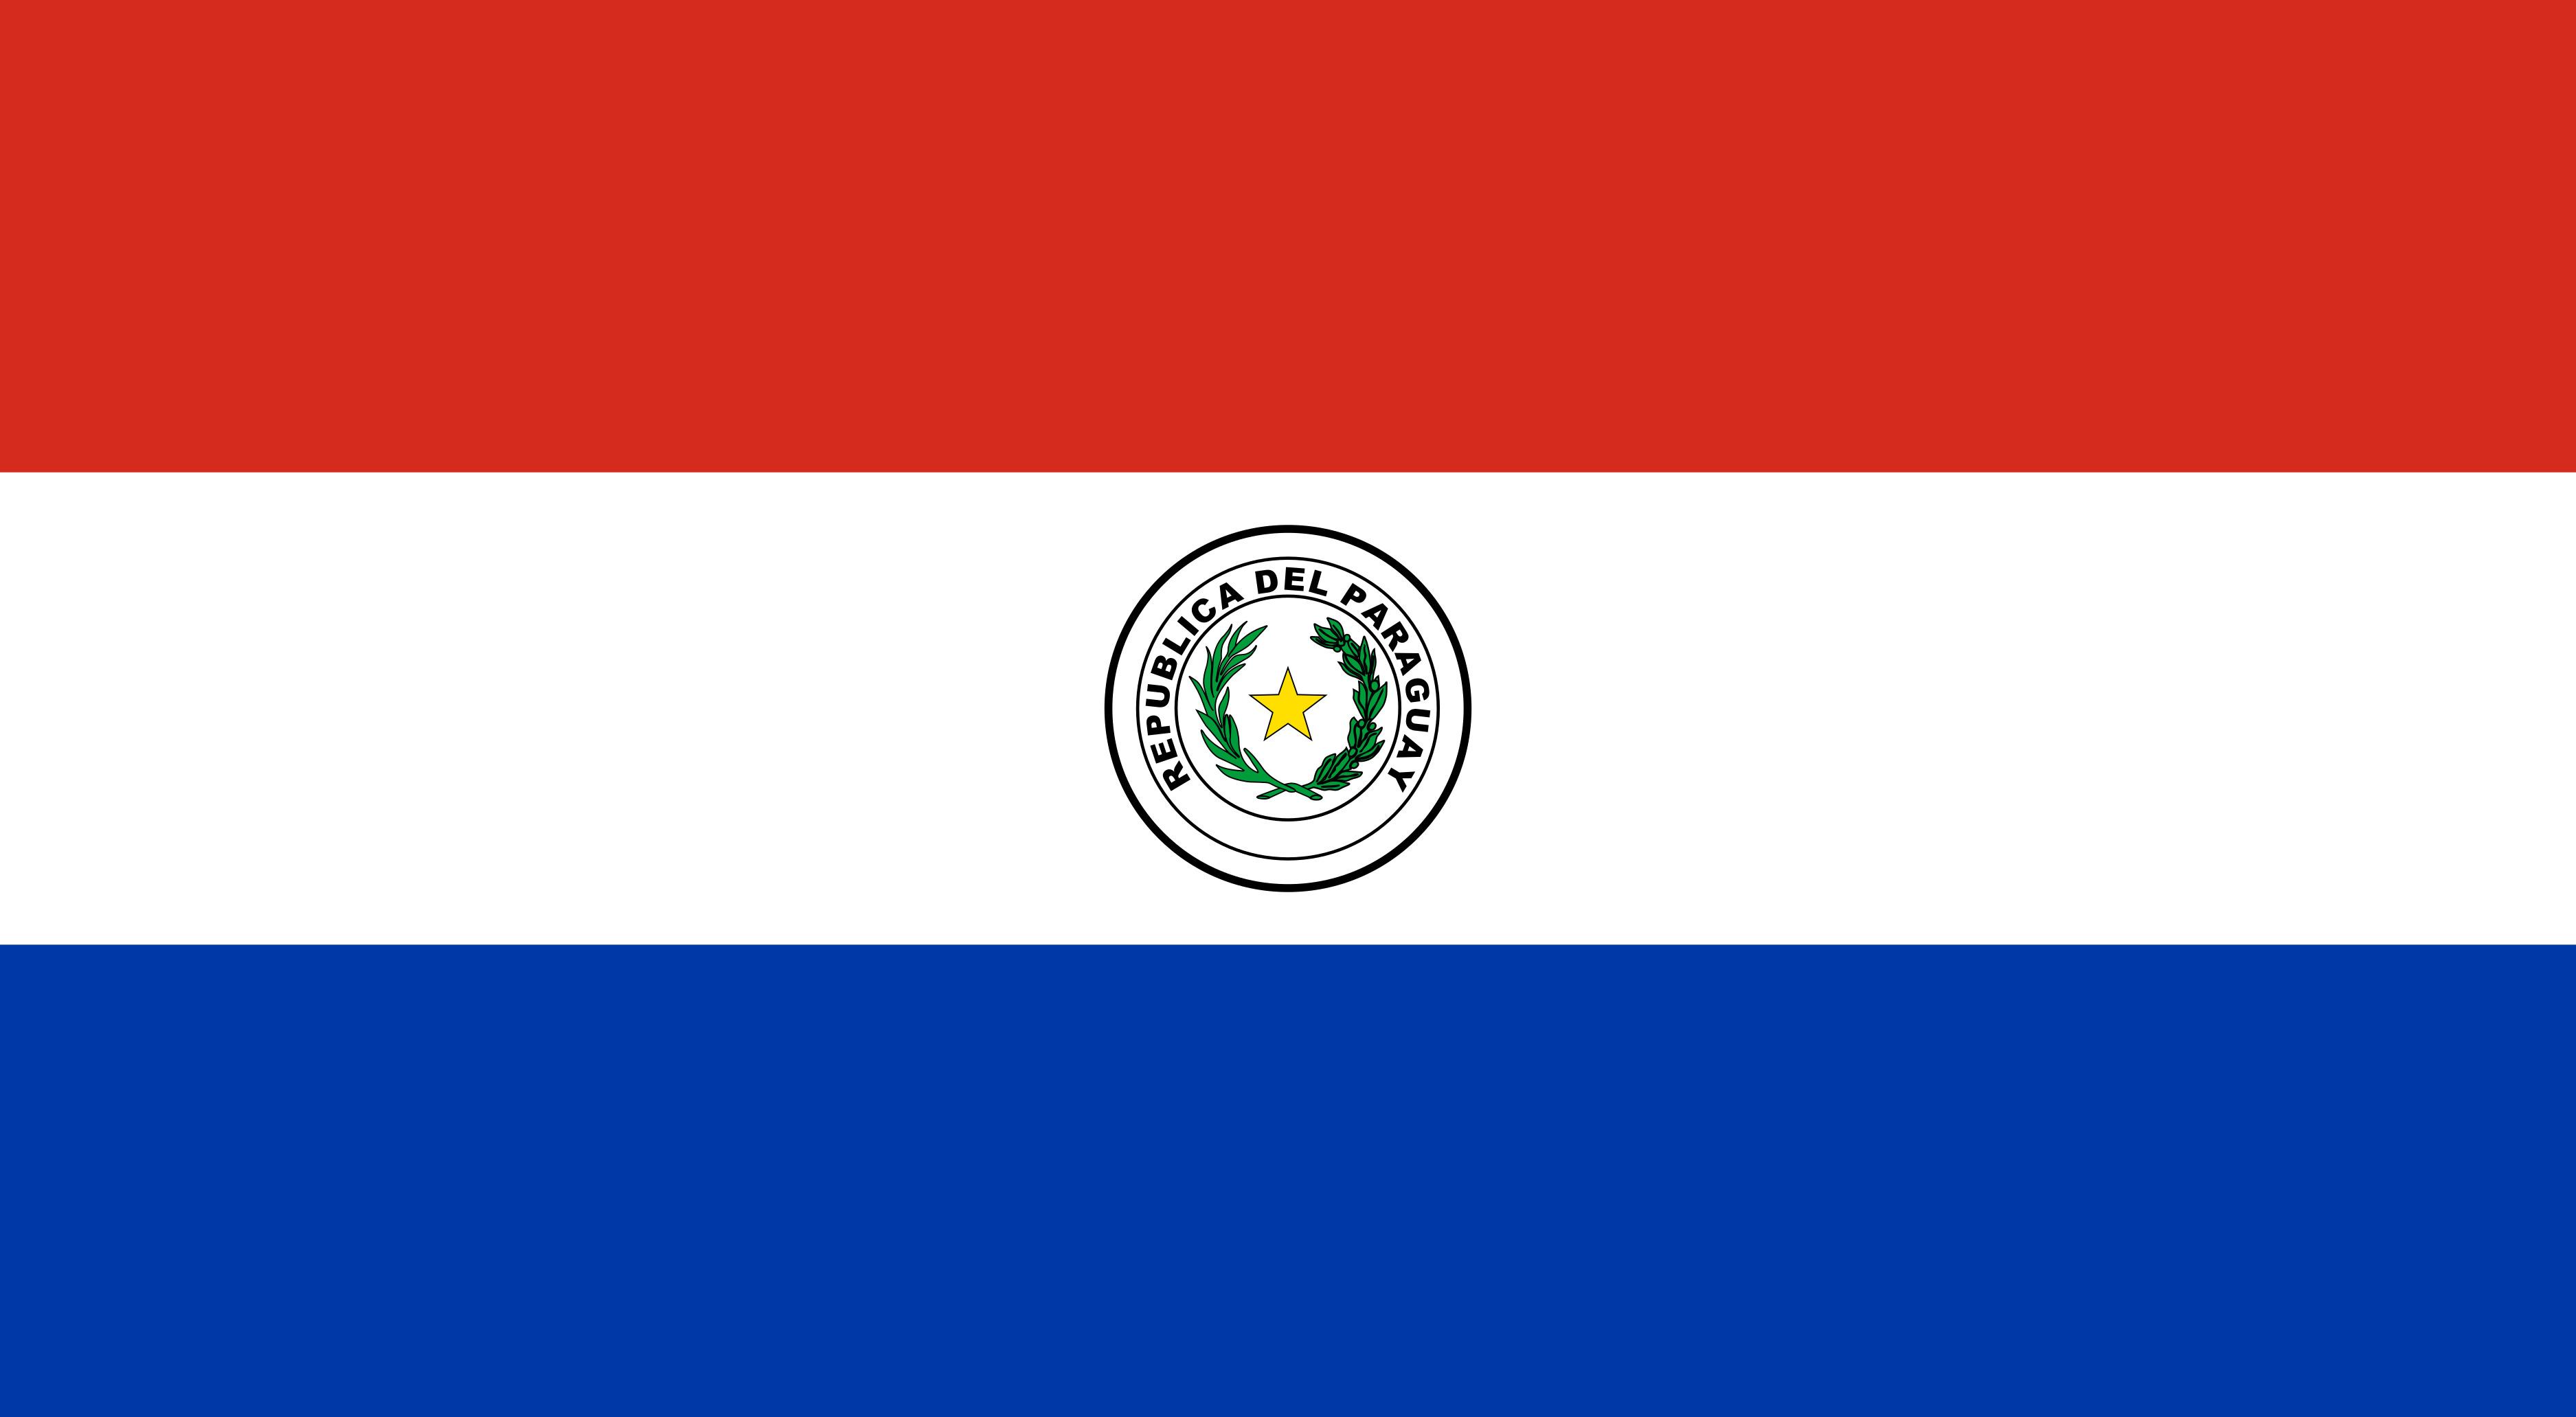 Paraguay Flag Colours